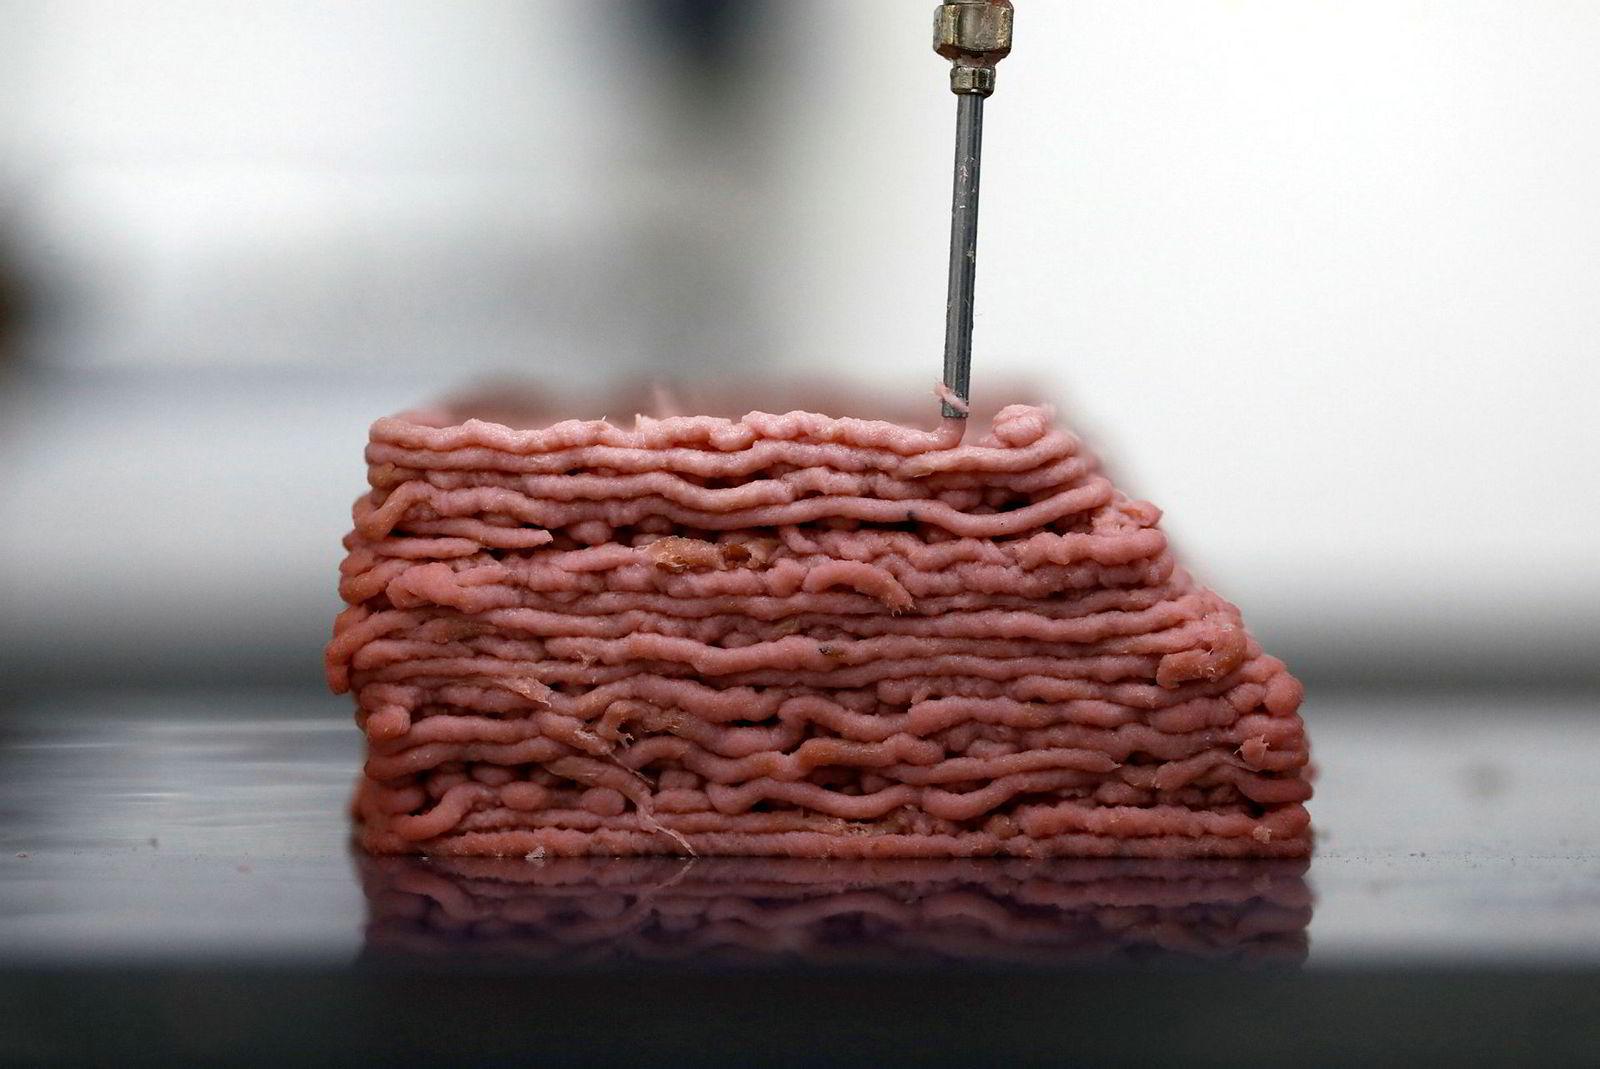 Matproduksjonen tar nye former. Dette bildet fra november viser en 3D-printer som skriver ut dyrefri kjøttfarse i laboratoriene til Redefine Meat Ltd. i Israel.